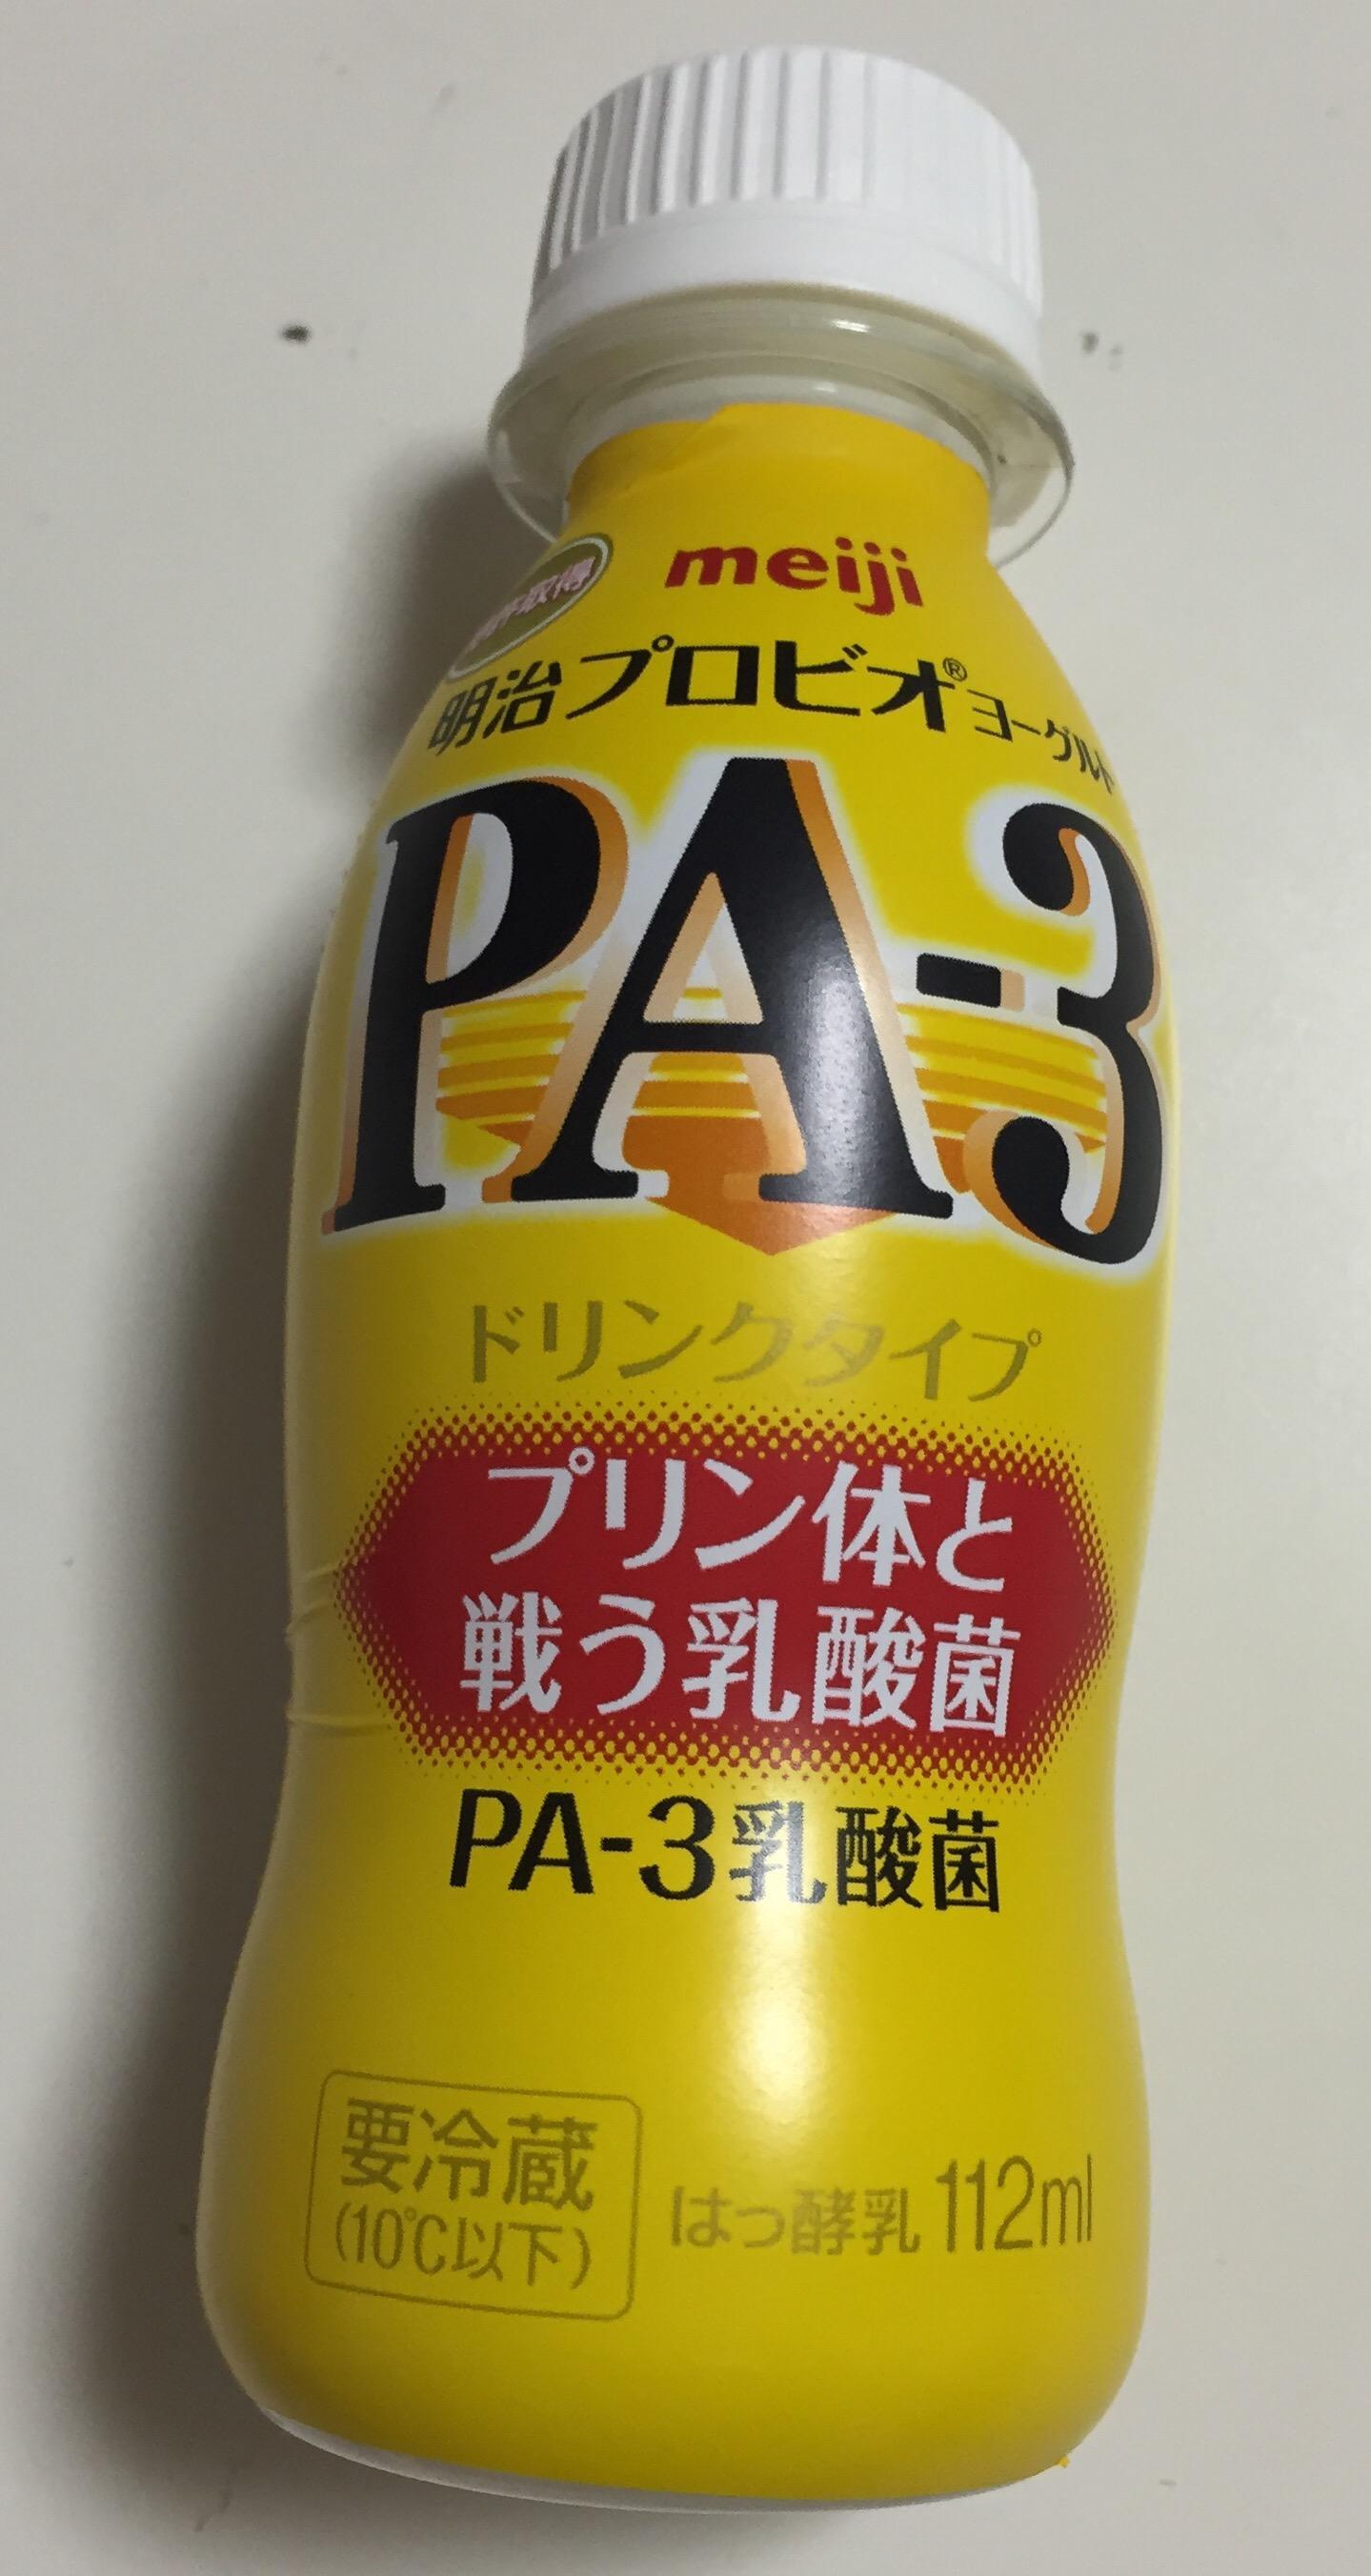 ビール好き親父に強い味方プリン体に効果的な「PA-3乳酸菌」が明治から発売されたぞ!